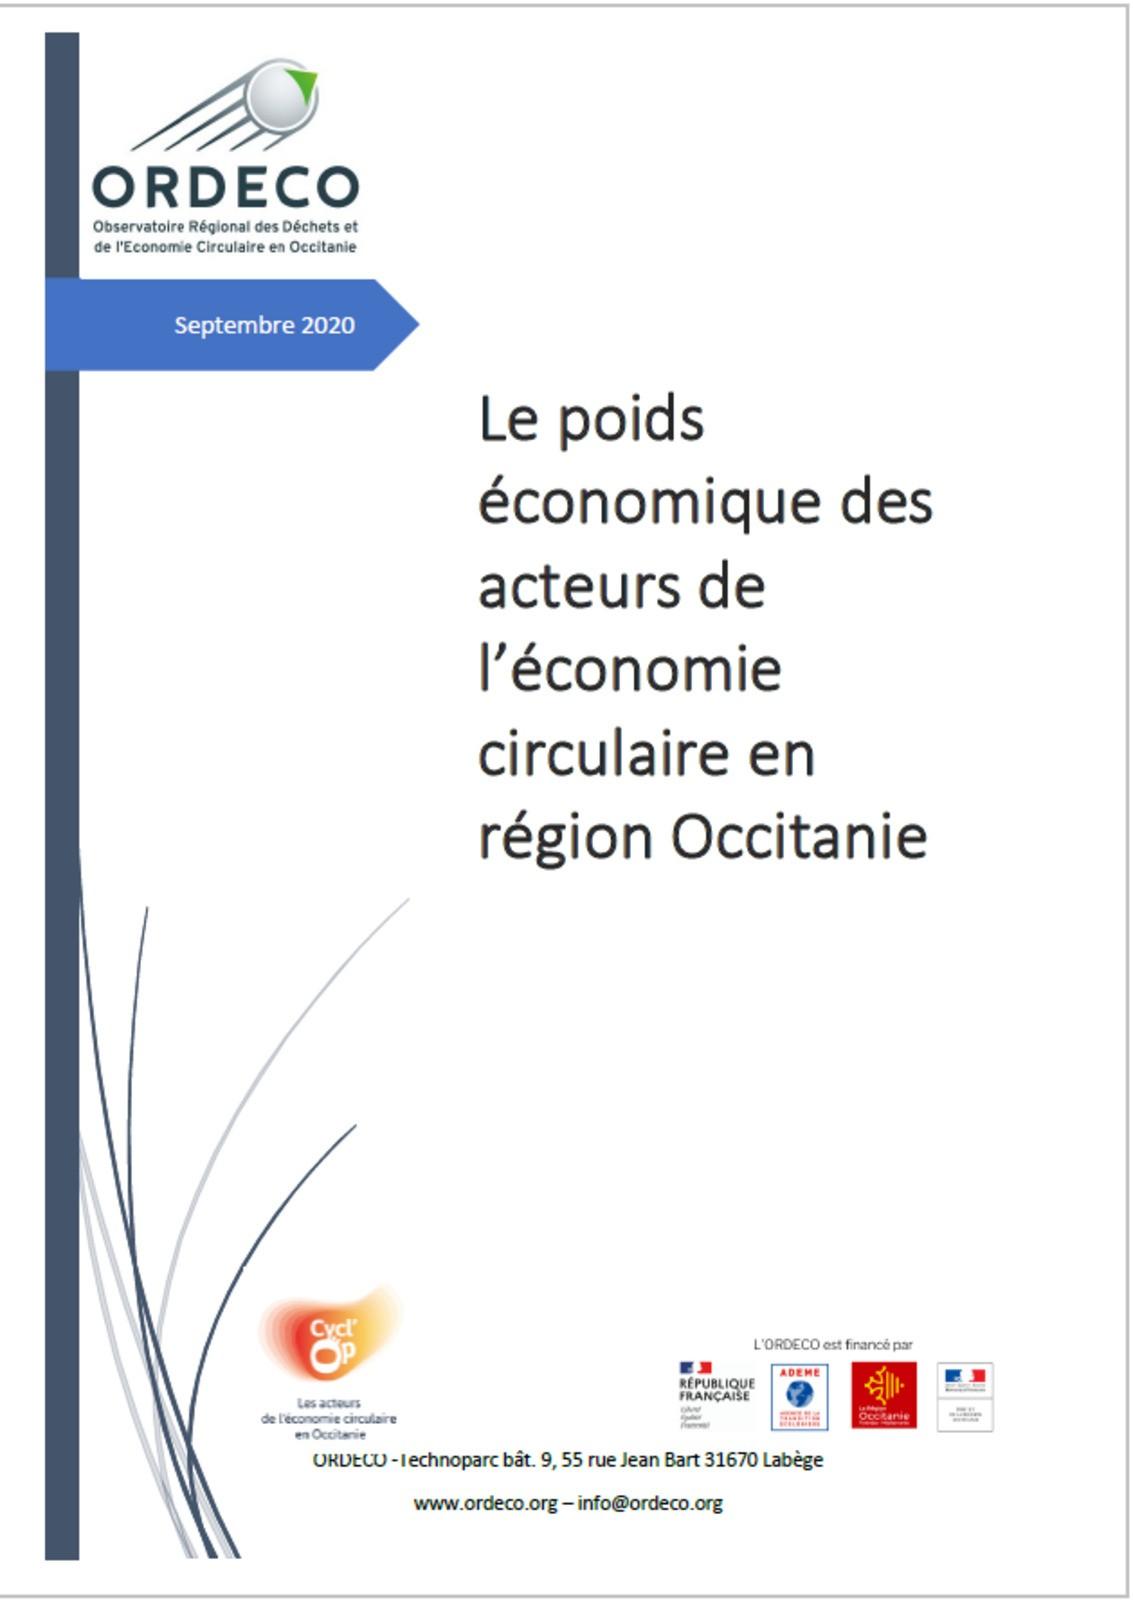 Le Poids économique des acteurs de l'économie circulaire - Etude ORDECO- 2020